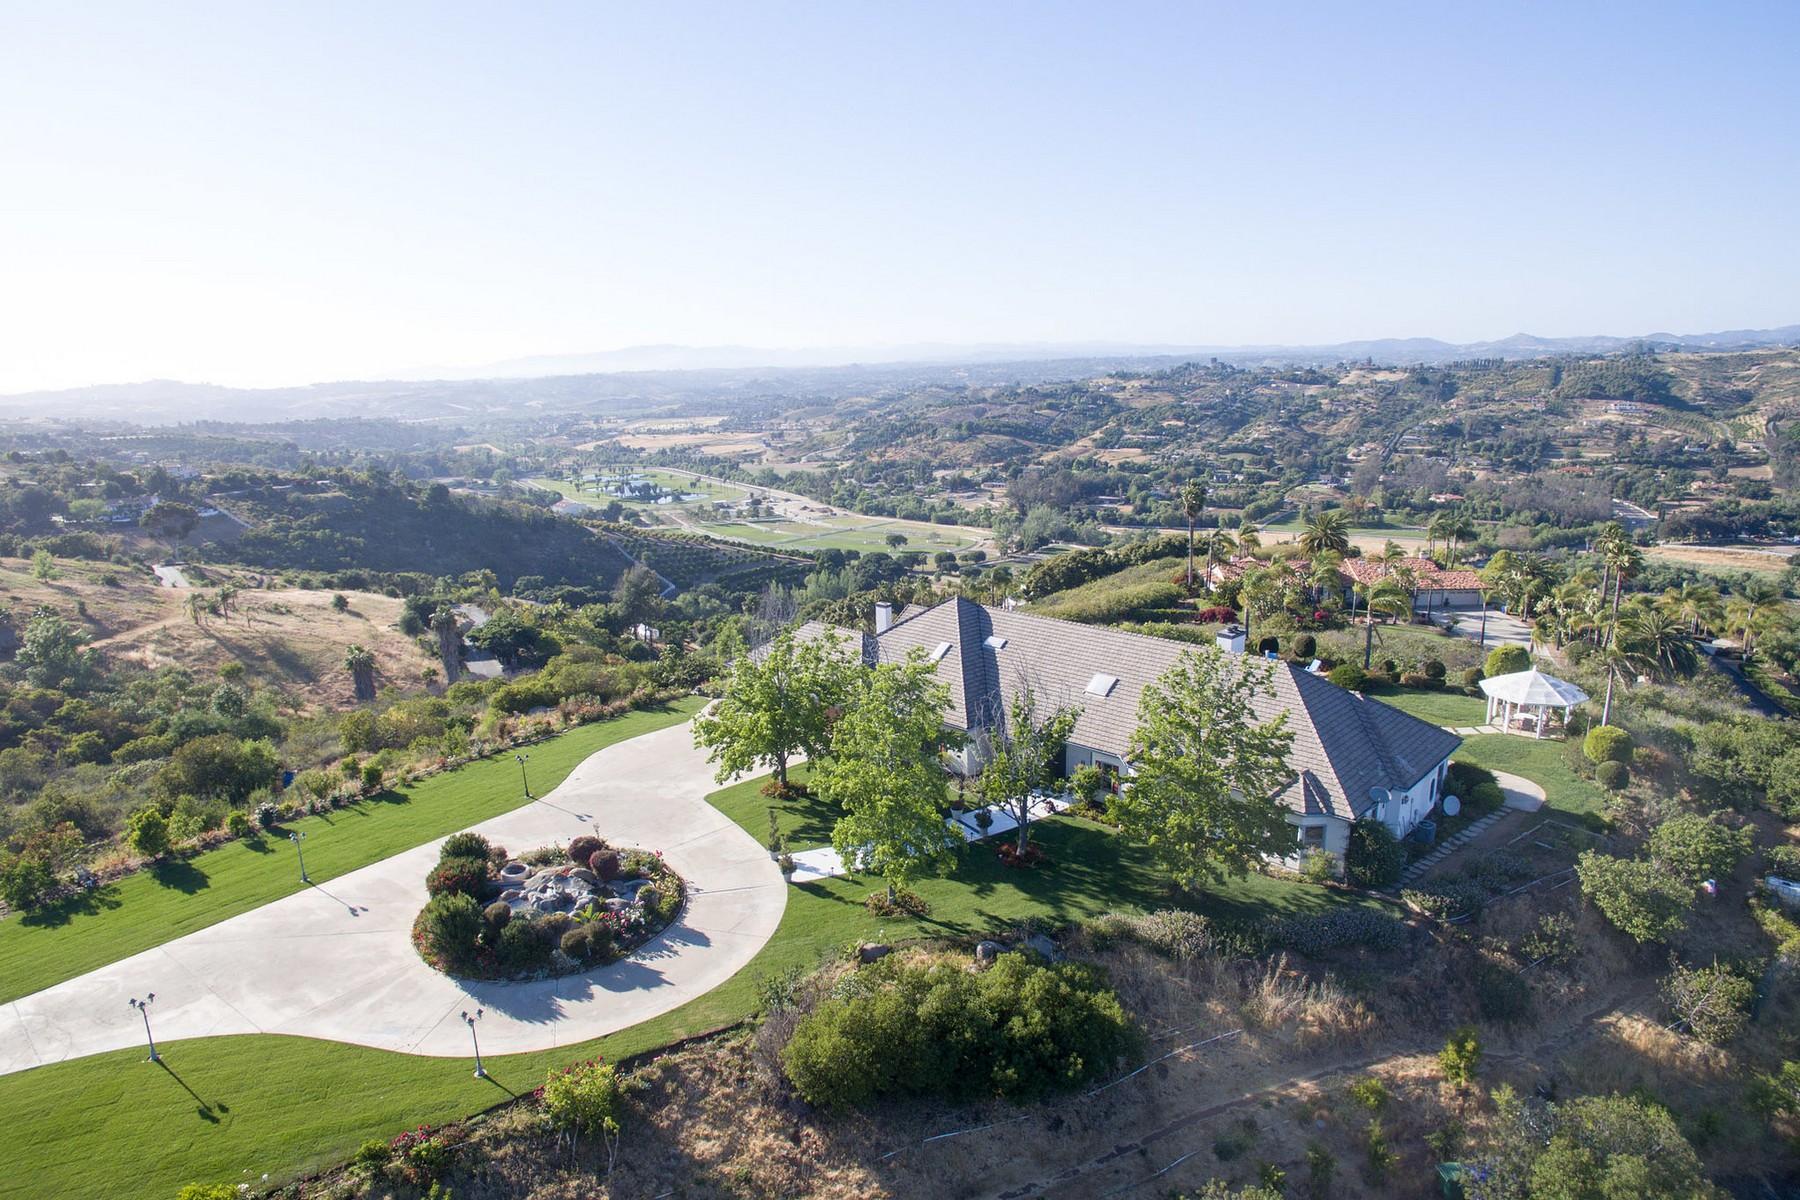 独户住宅 为 销售 在 30417 Via Maria Elena 邦萨尔, 加利福尼亚州 92003 美国